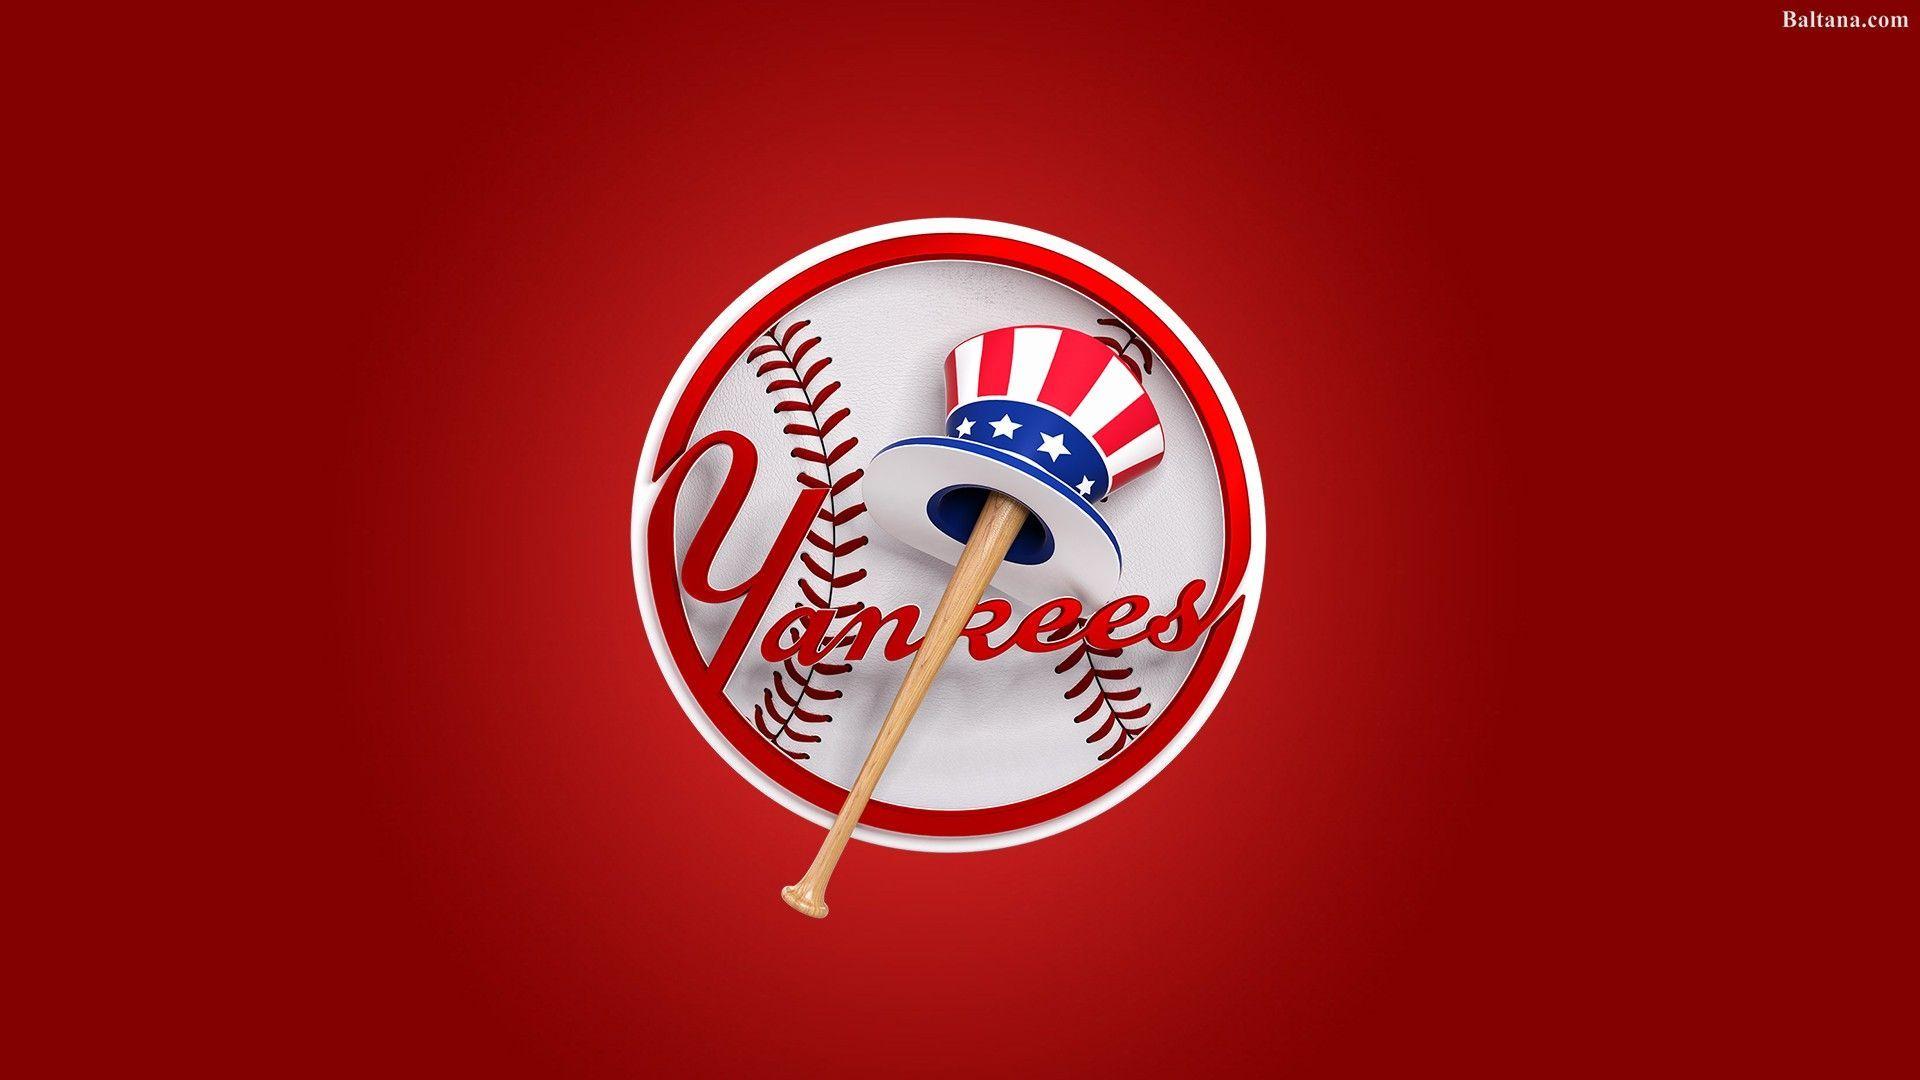 New York Yankees full hd wallpaper download